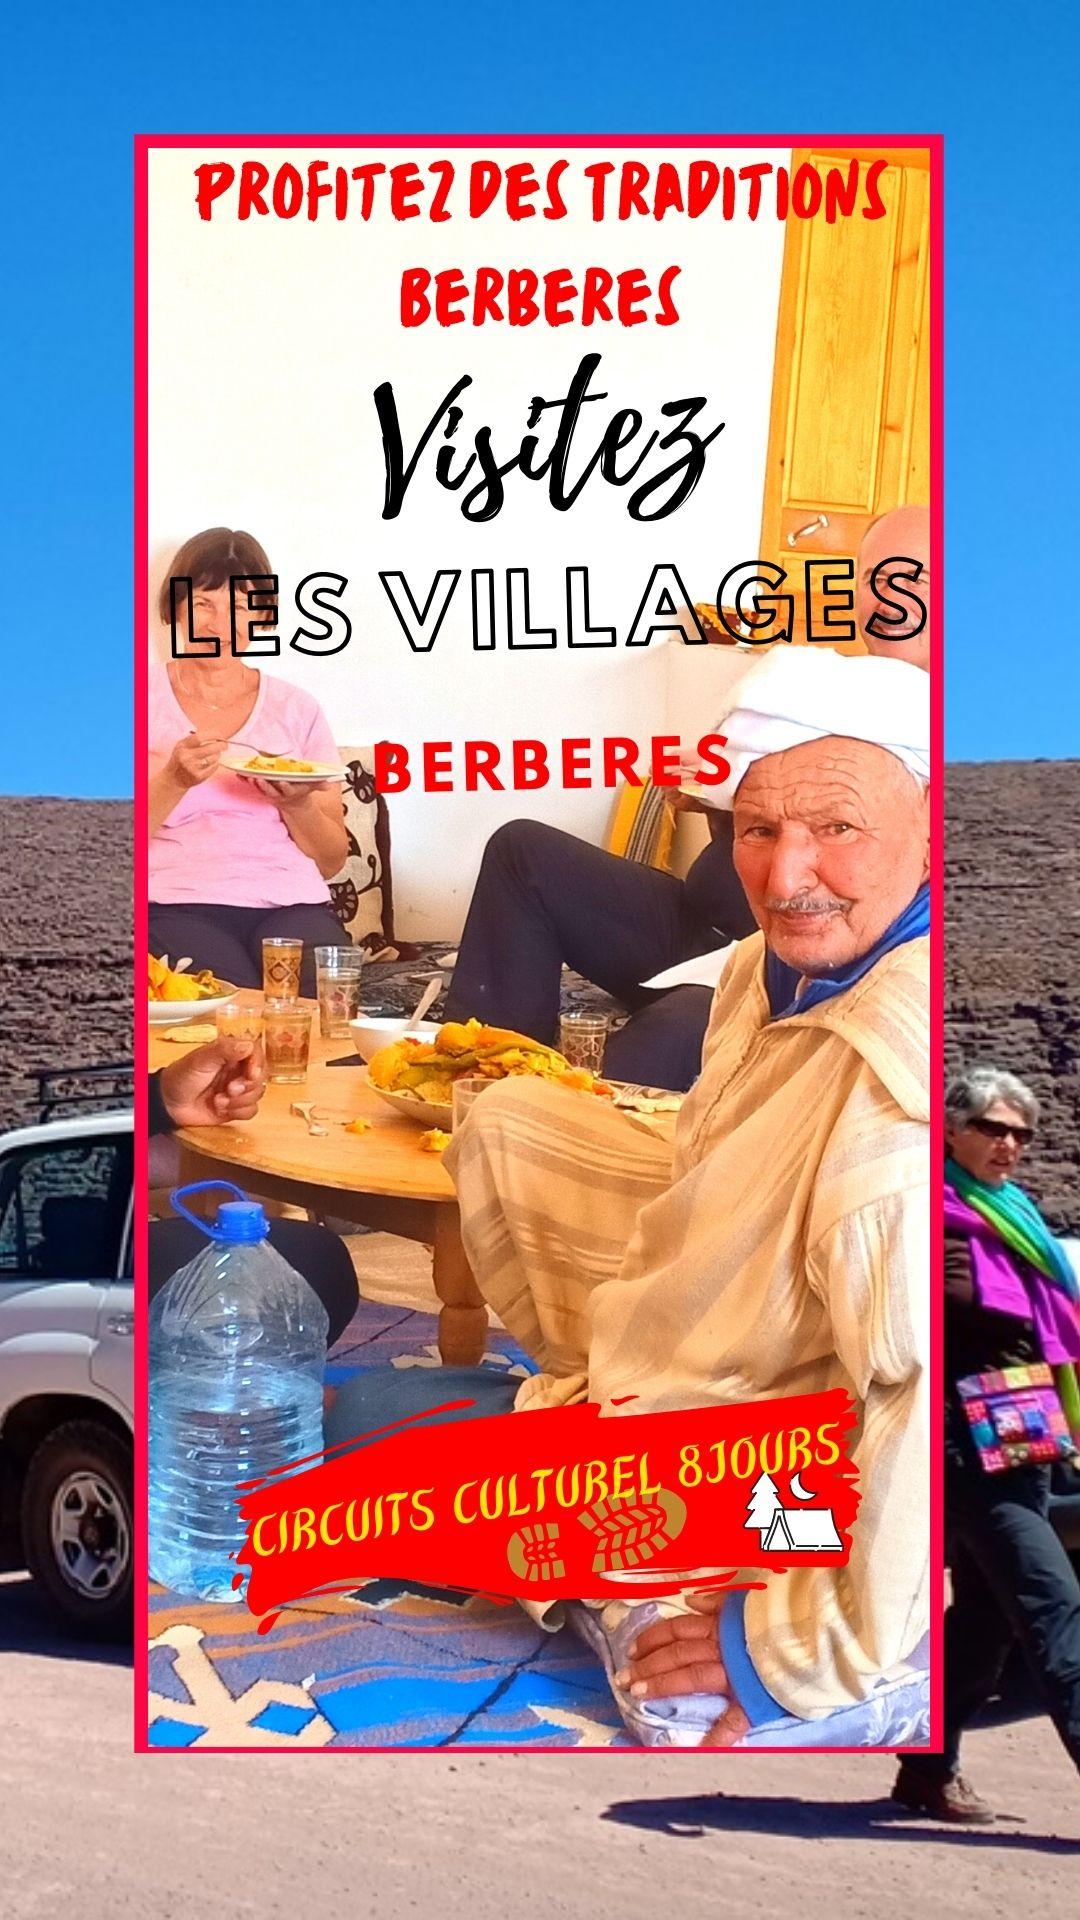 Villages berberes maroc sud   Voyage Maroc sur mesure   Voyage au Maroc   Vacances au Maroc sur mesure   Trek au Maroc   circuit de velo au maroc   randonnée et voyage   Trekking   VTT   Randonnées & Treks au Maroc montagne désert